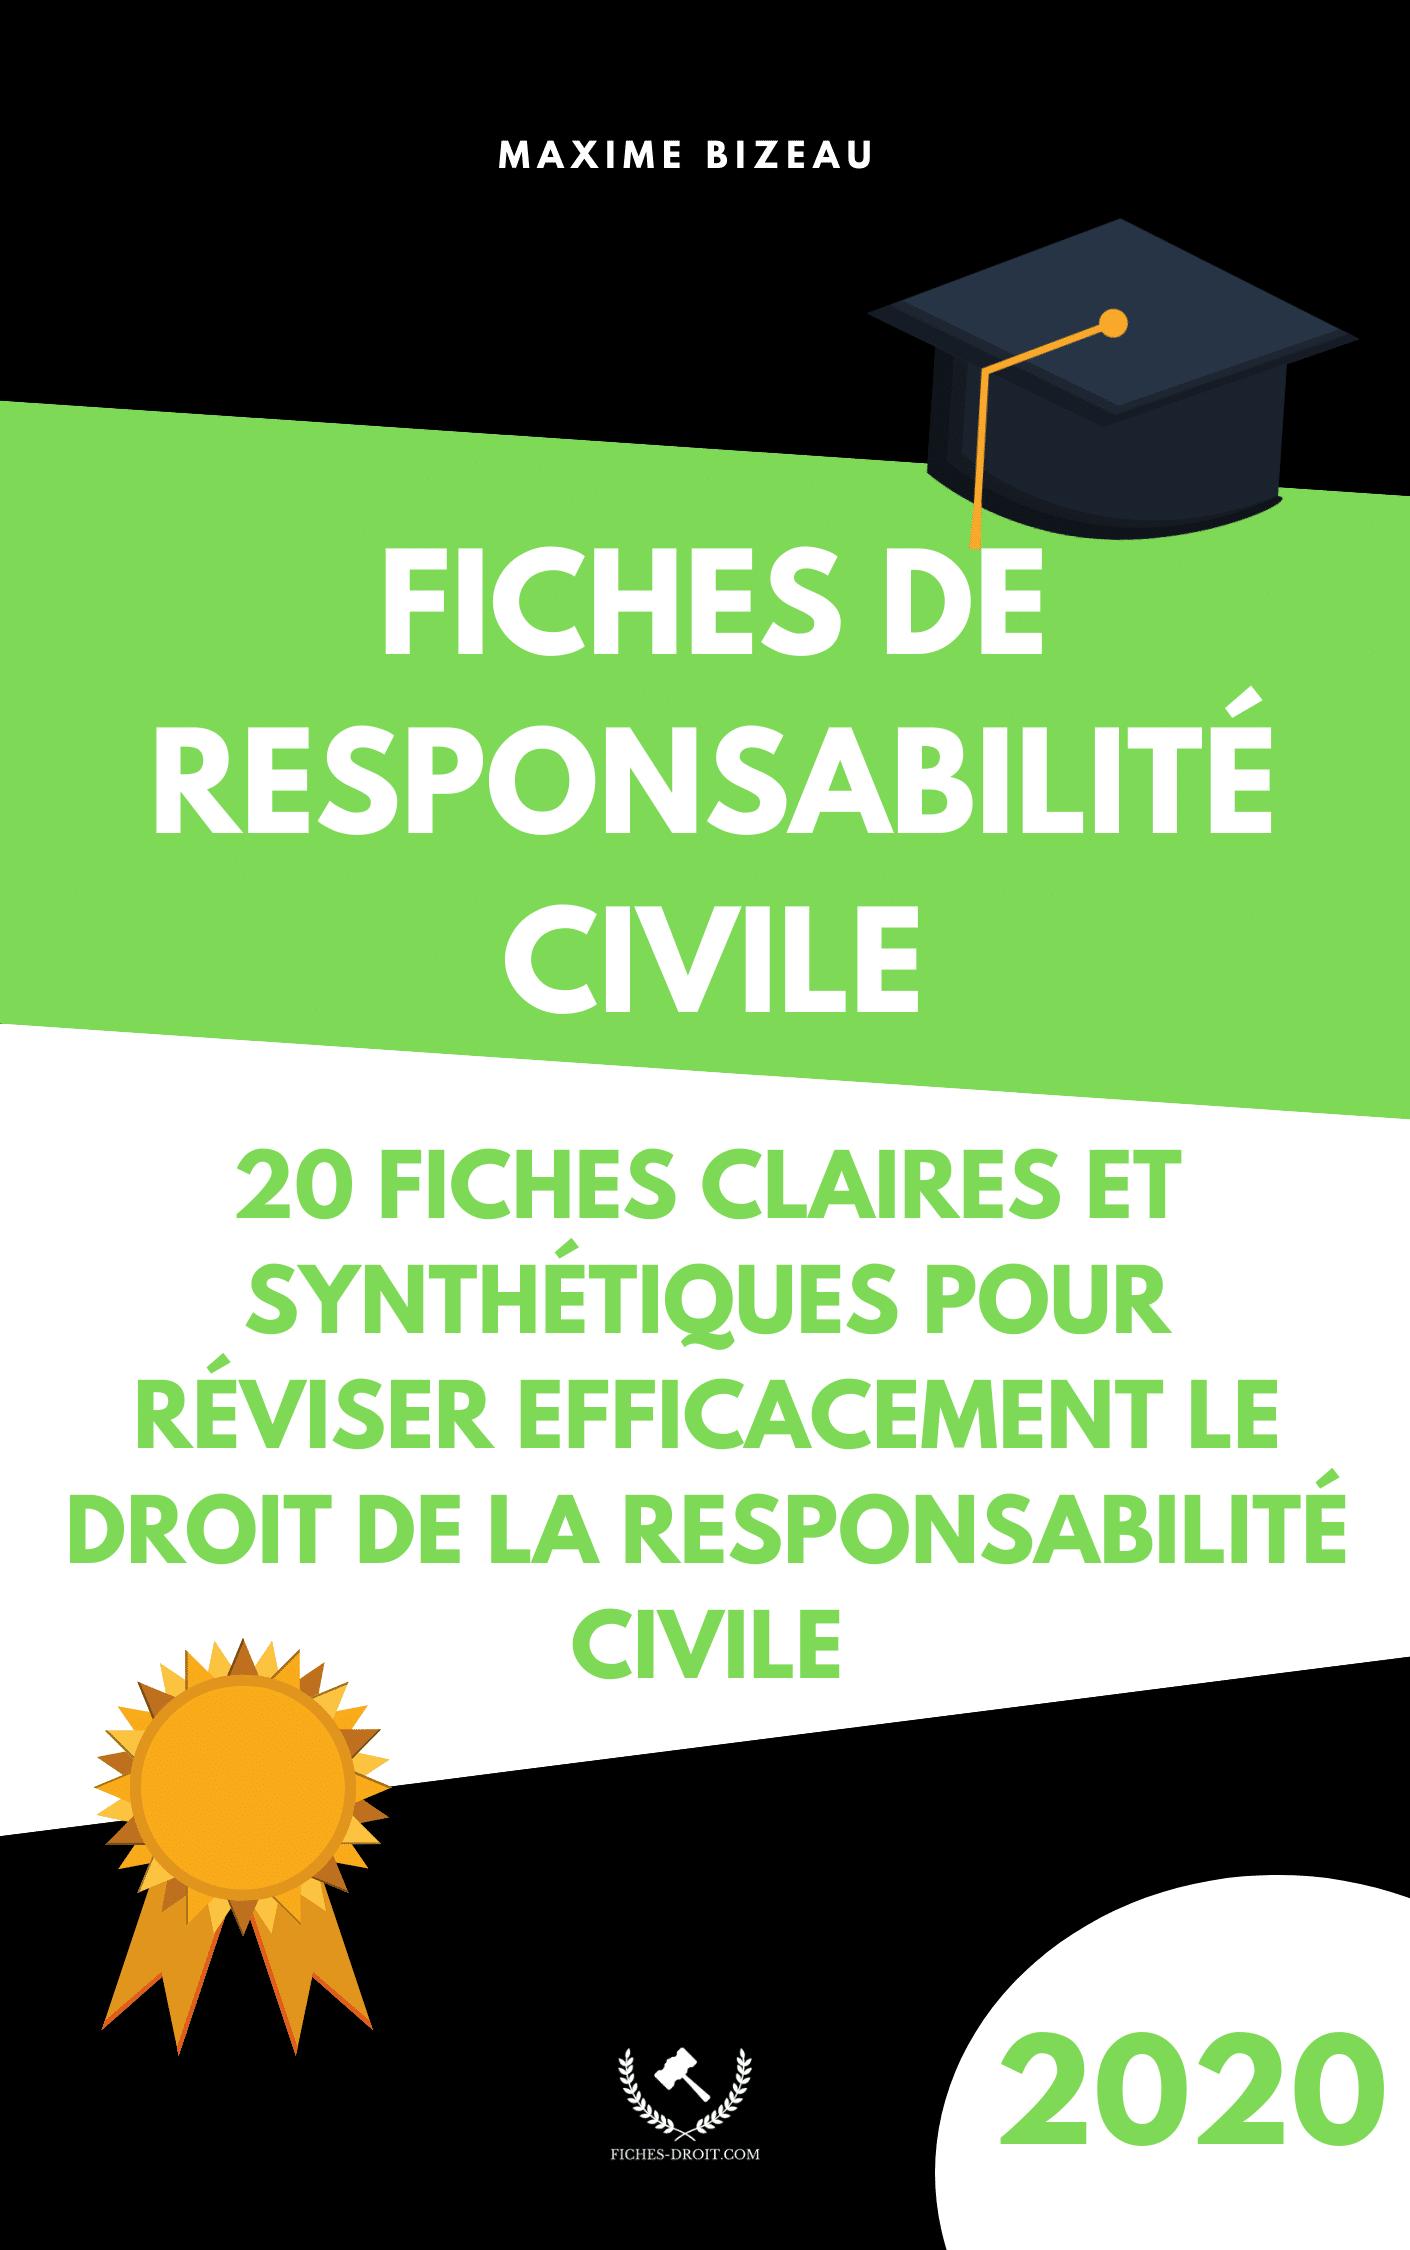 Couverture 2020 - Fiches de responsabilité civile